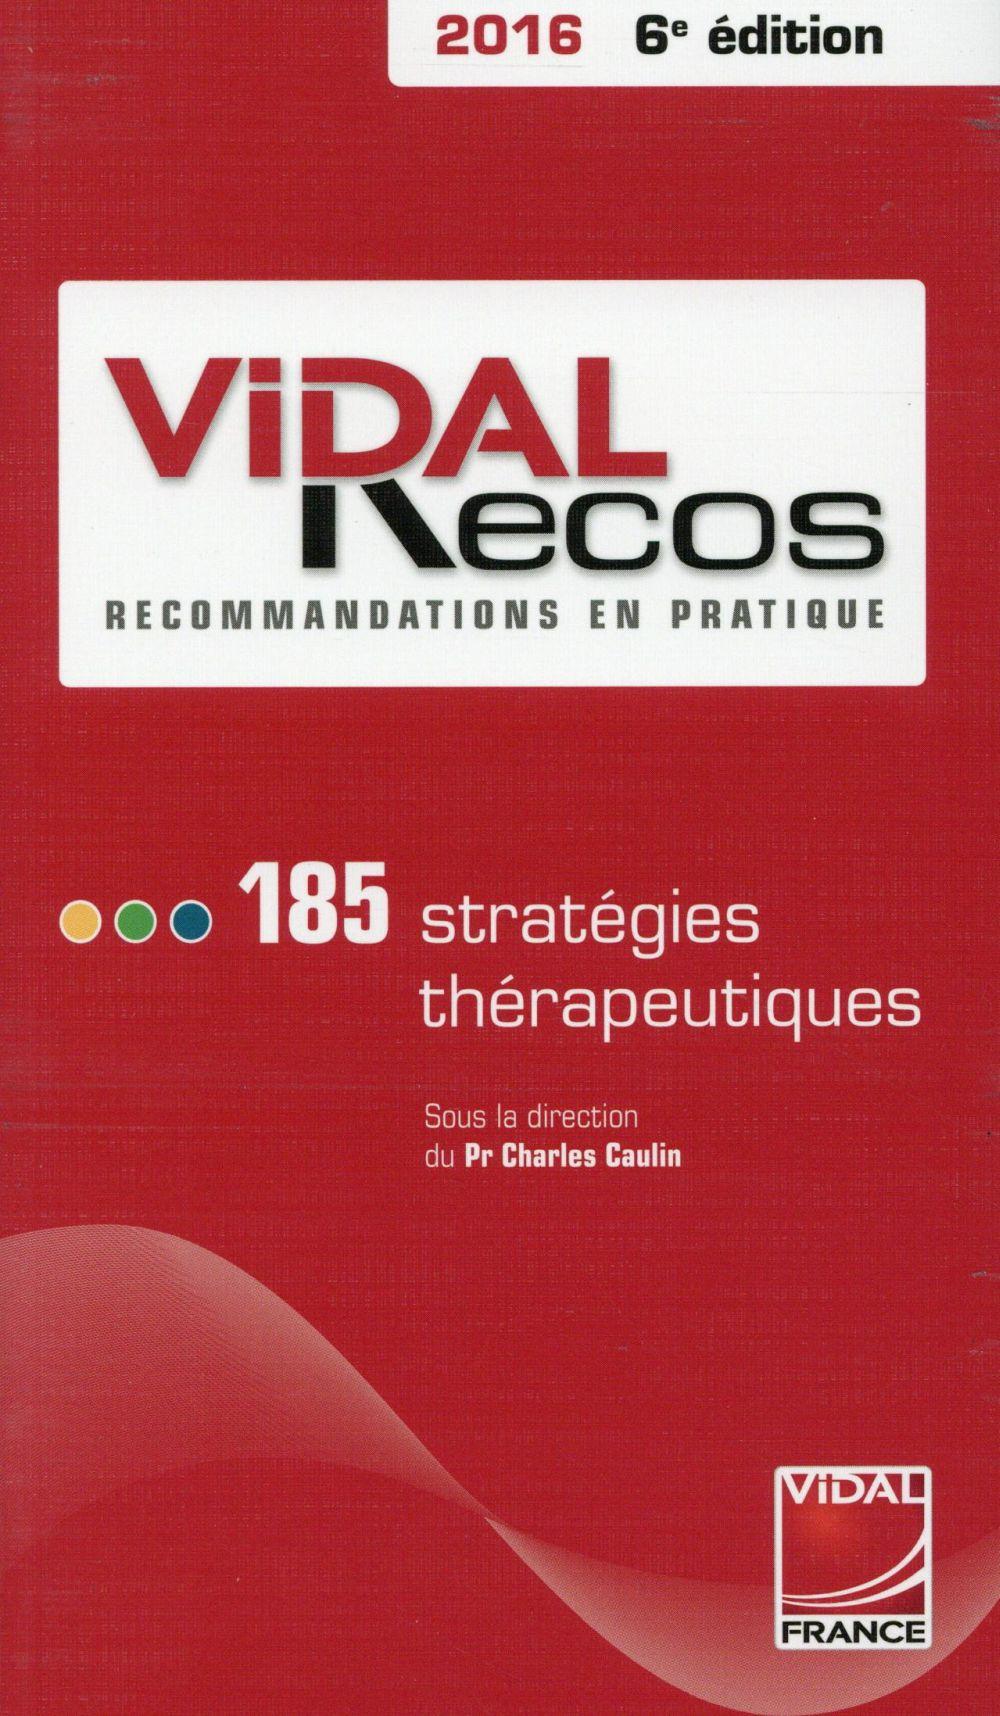 Vidal Recos, recommandations en pratique ; 185 stratégies thérapeutiques 2016 (6e édition)